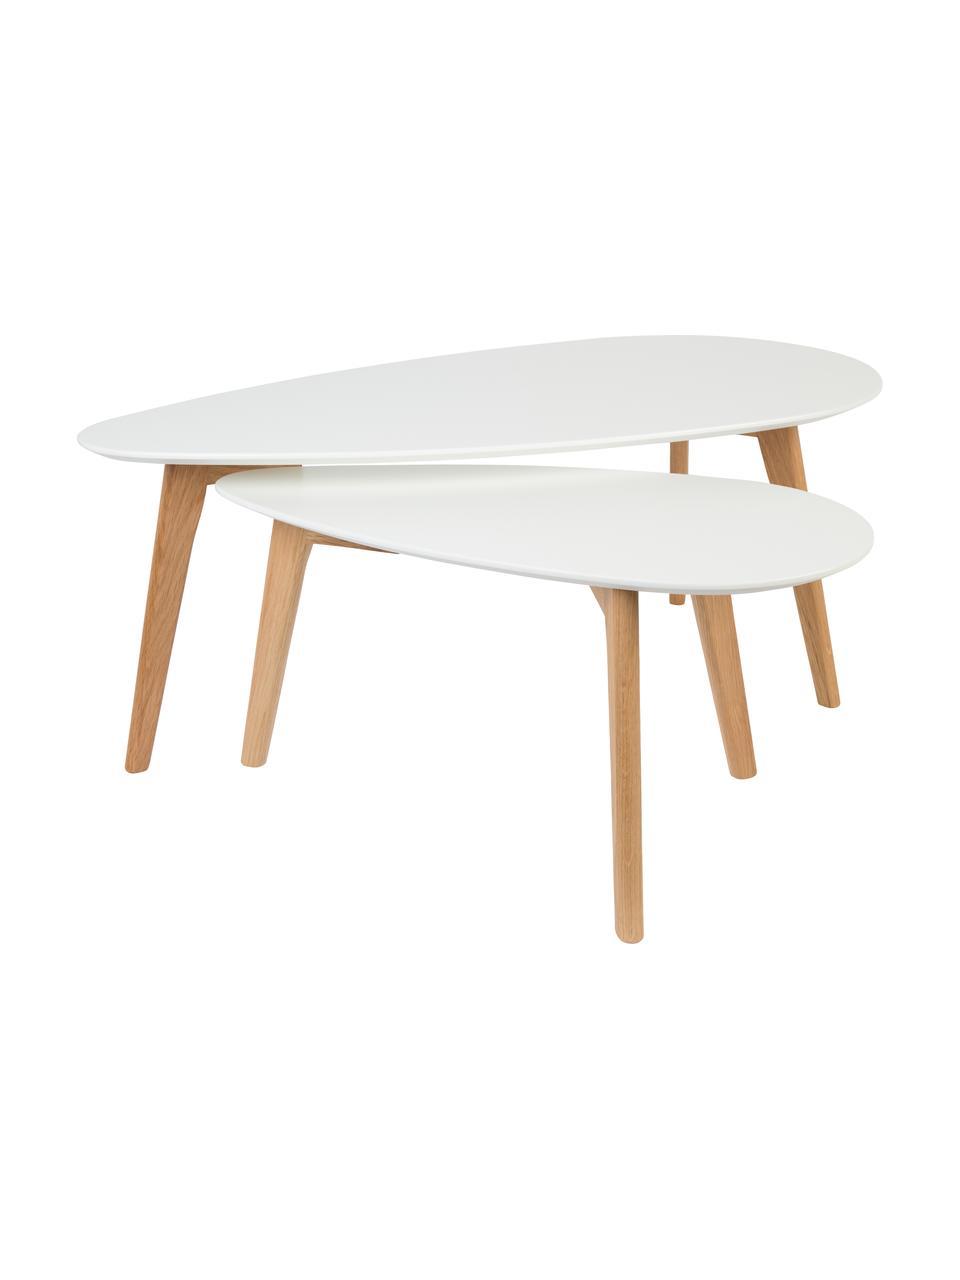 Komplet stolików kawowych Nordic, 2 elem., Blat: płyta pilśniowa o średnie, Nogi: drewno dębowe, Blat: biały Nogi: drewno dębowe, Komplet z różnymi rozmiarami